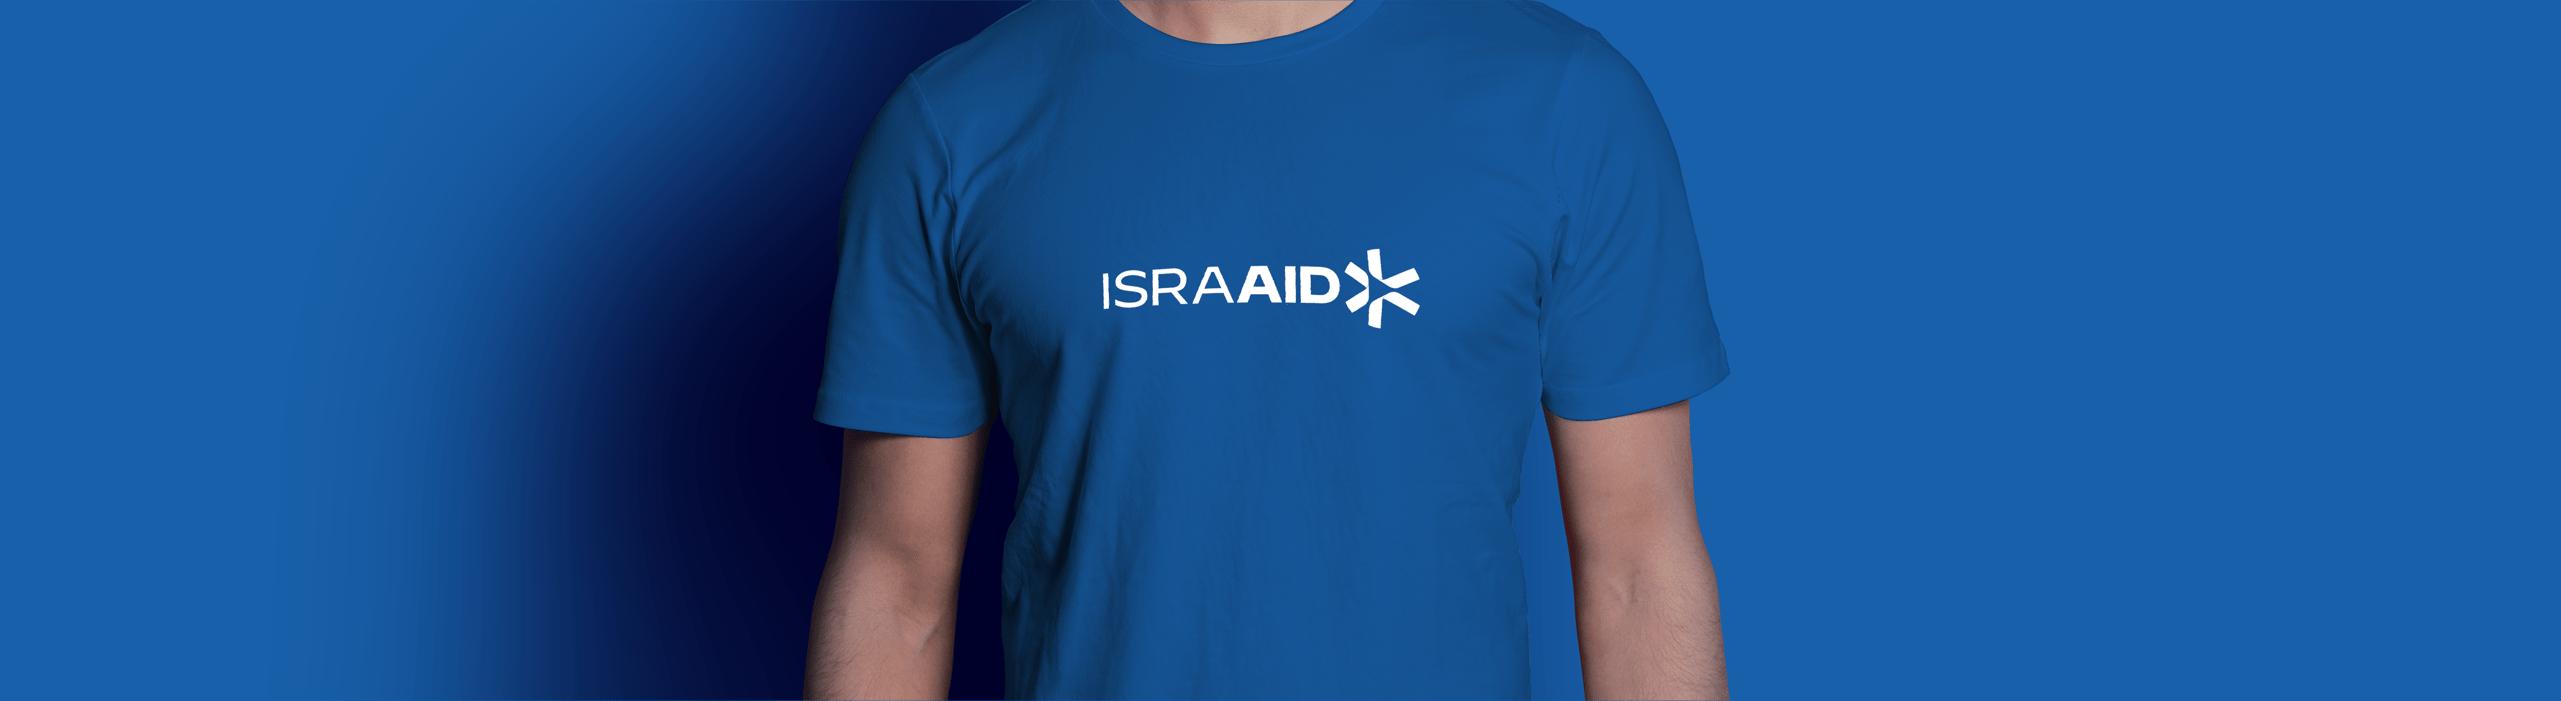 IsraAID - B - Natie Branding Agency